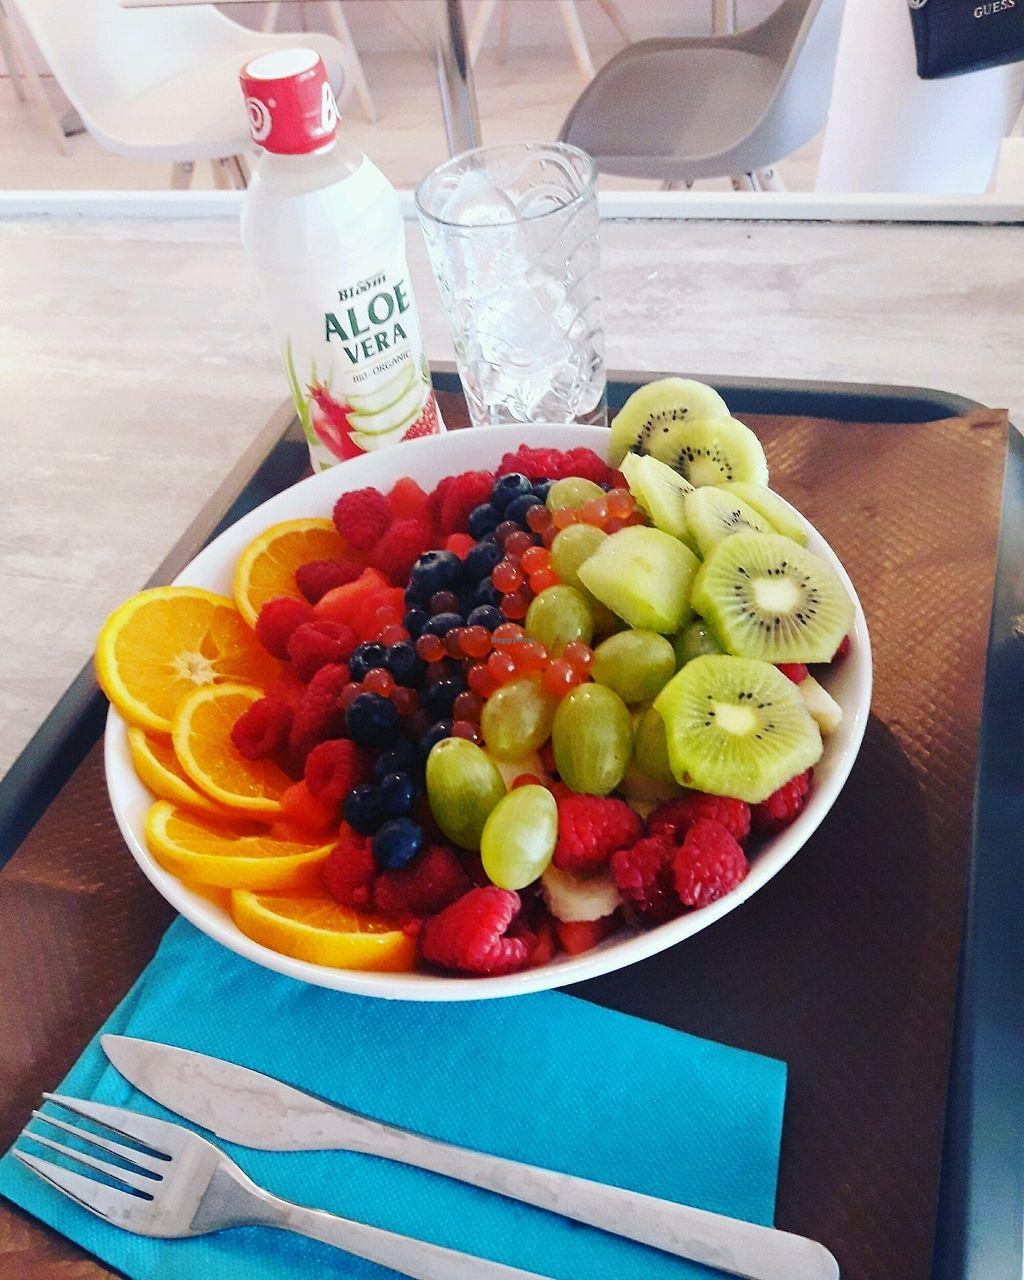 """Photo of Mareja Restaurant sur Mesure  by <a href=""""/members/profile/Mareja"""">Mareja</a> <br/>vous composer vos même votre salade de fruits avec des fruits frais du jour  <br/> August 28, 2017  - <a href='/contact/abuse/image/98549/298443'>Report</a>"""